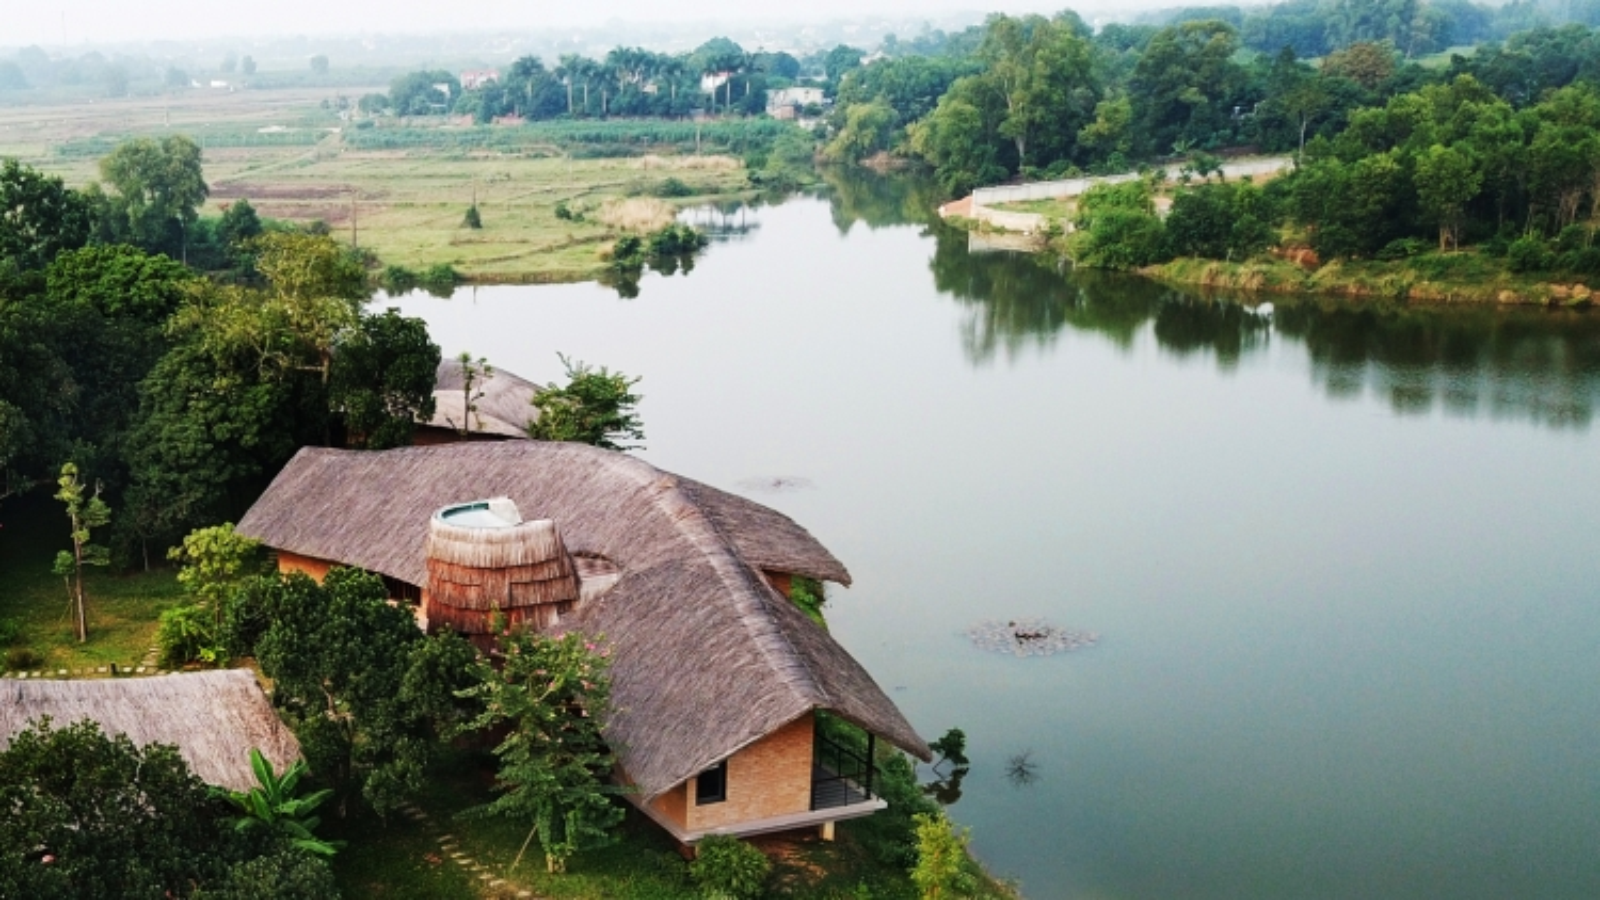 Độc đáo ngôi nhà ở nông thôn hình lưỡi liềm